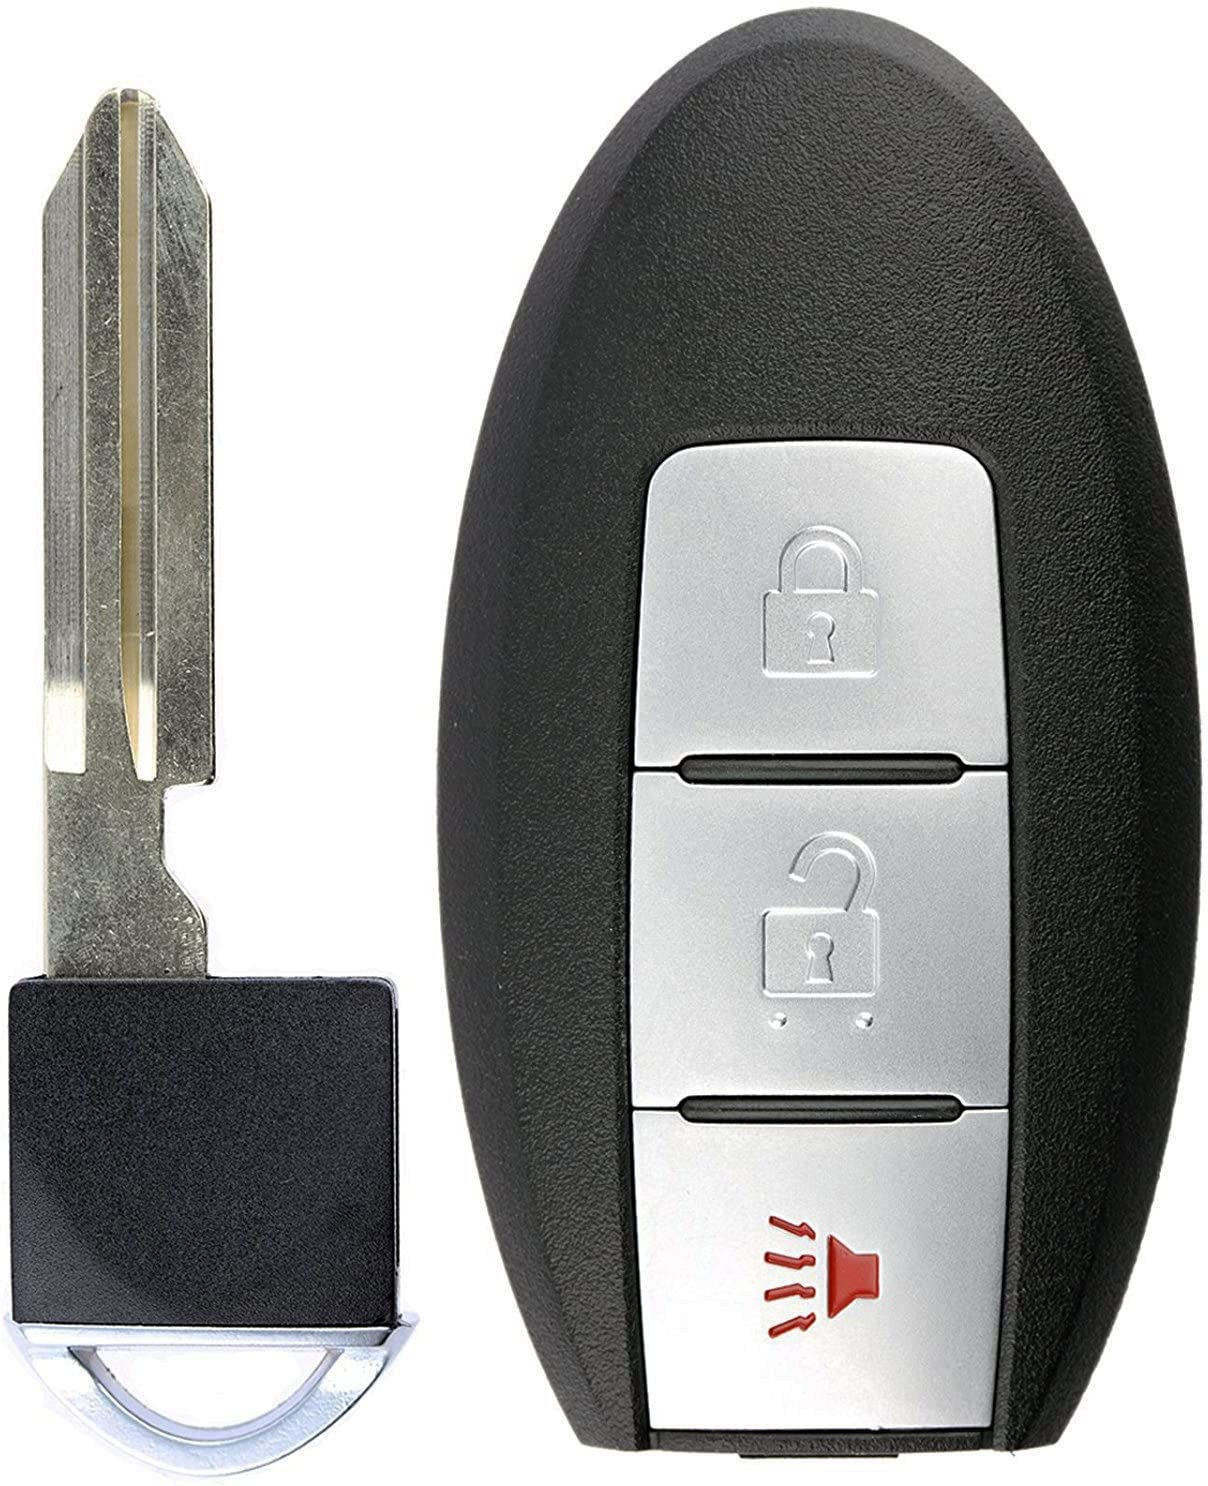 KeylessOption Keyless Entry Remote Smart Car Key Fob for Nissan Leaf Cube Juke Versa Note CWTWB1U808 Quest